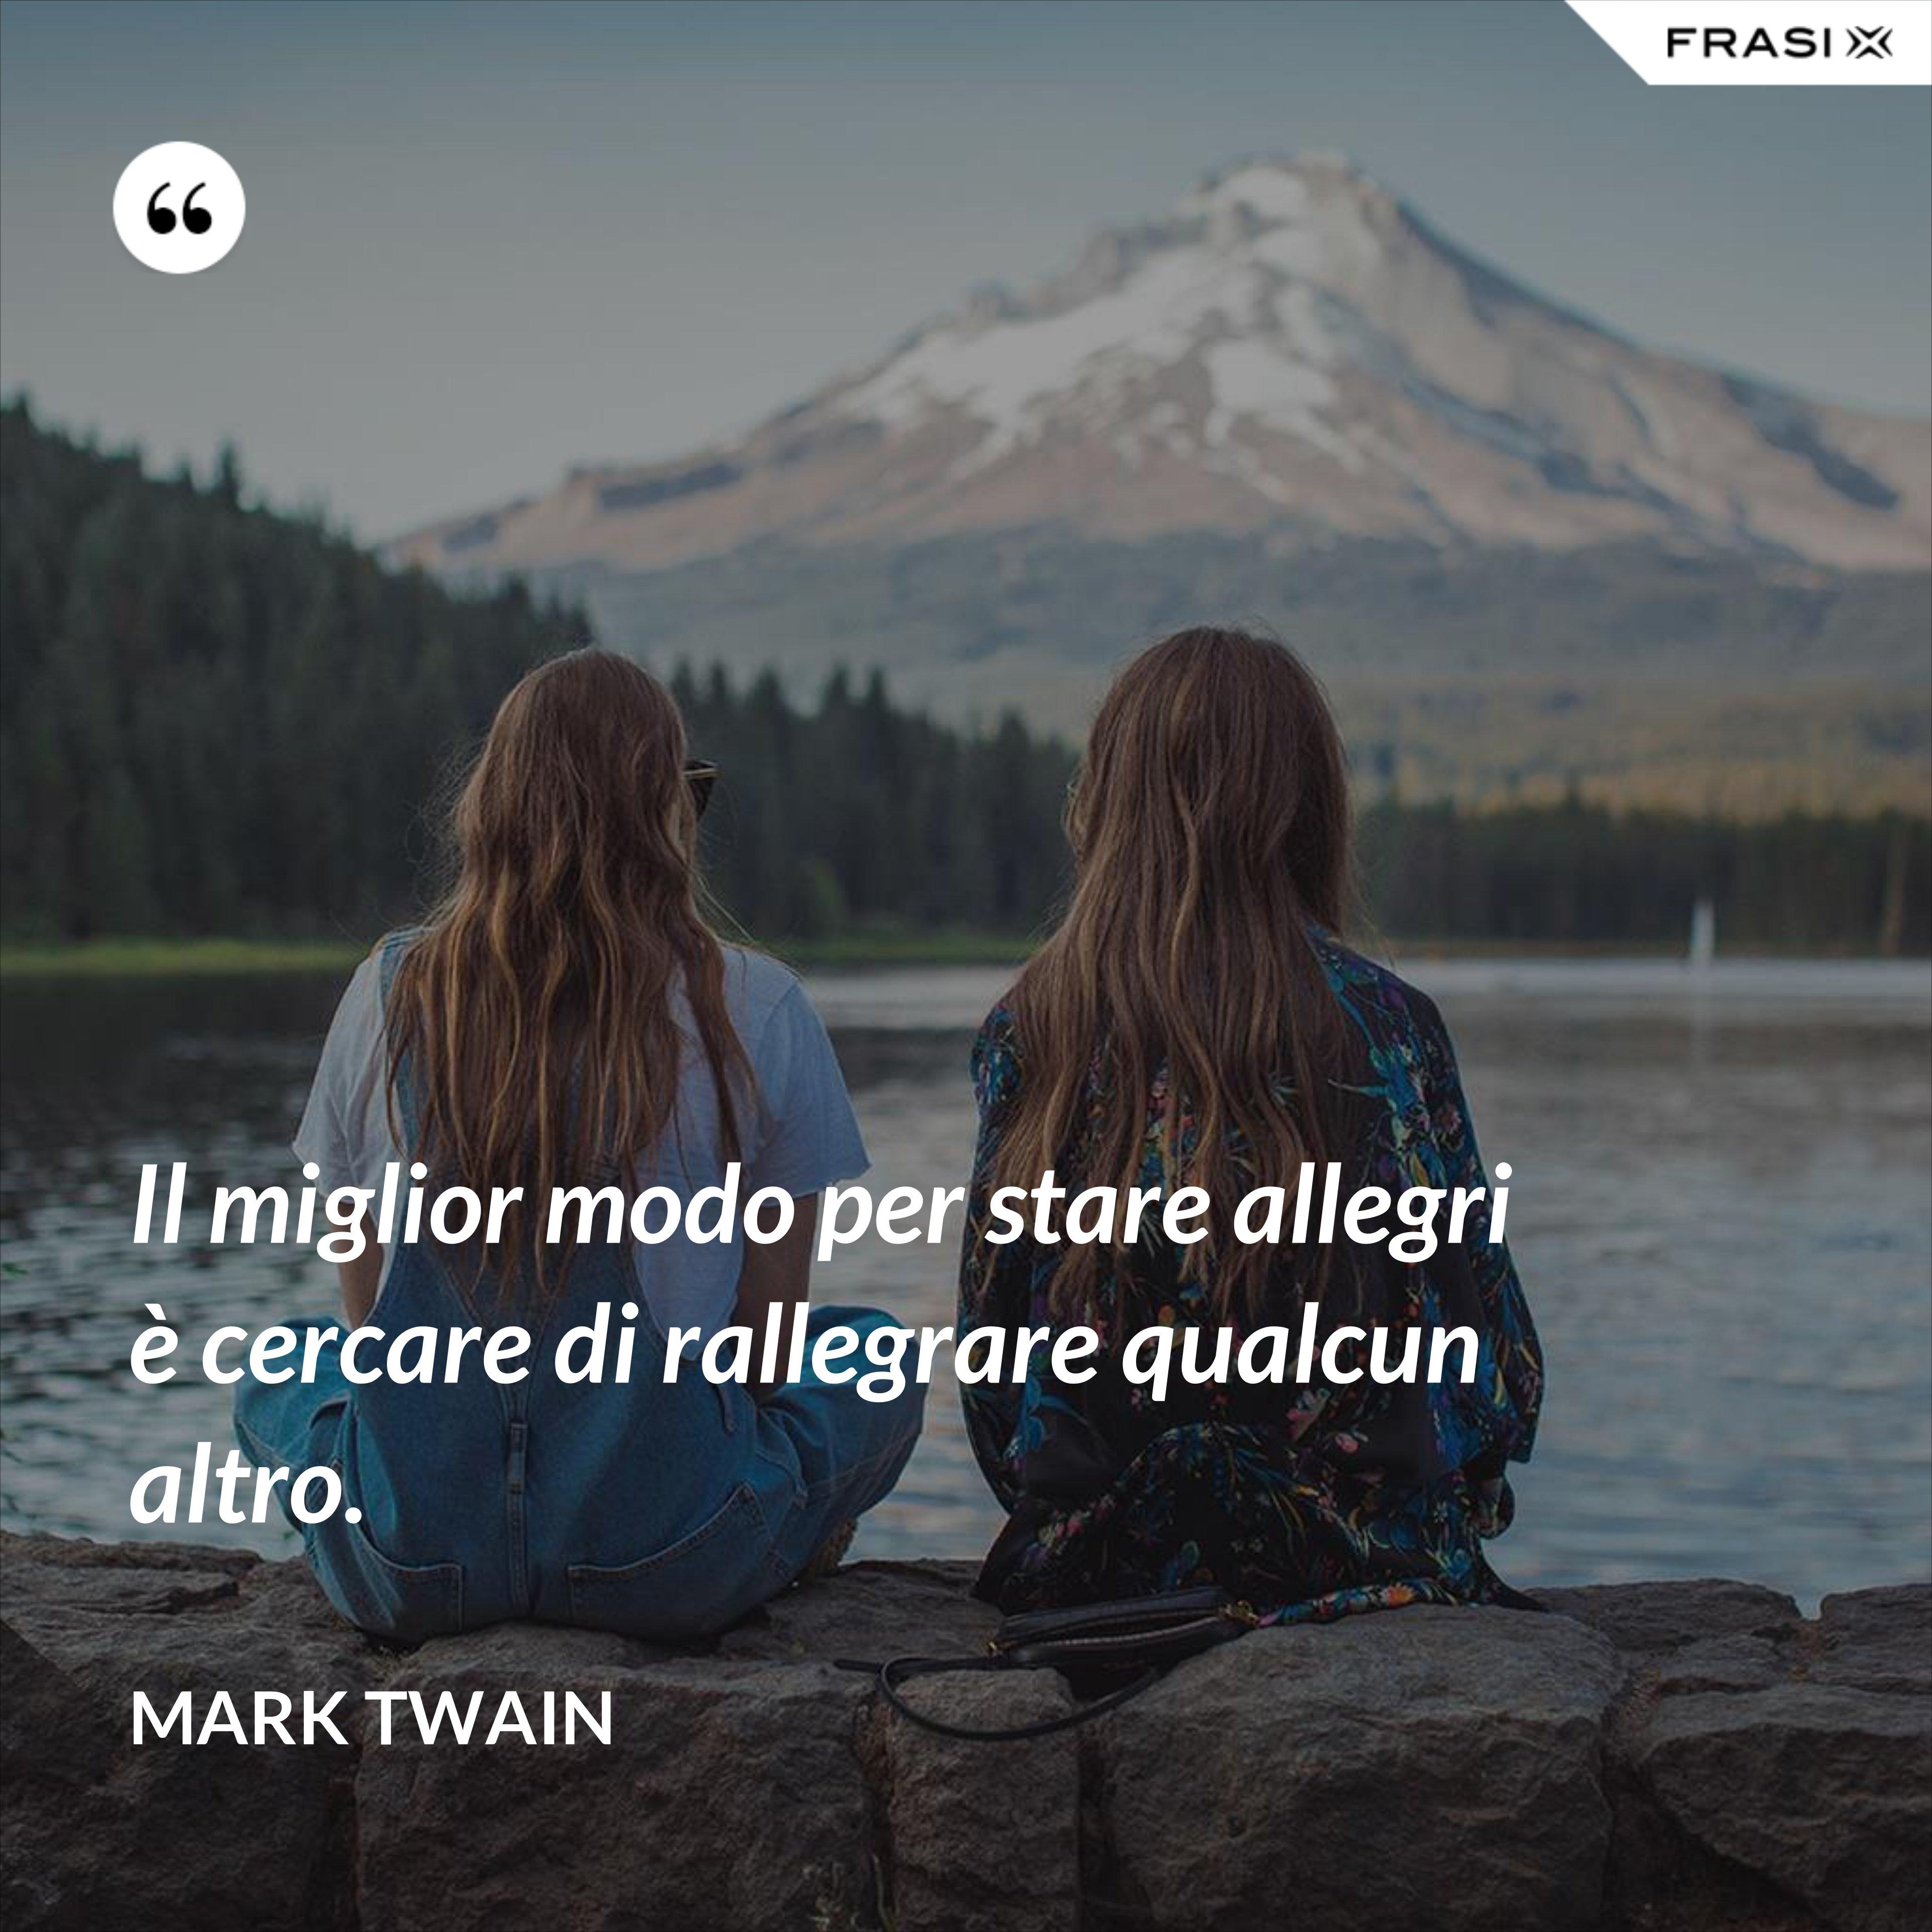 Il miglior modo per stare allegri è cercare di rallegrare qualcun altro. - Mark Twain